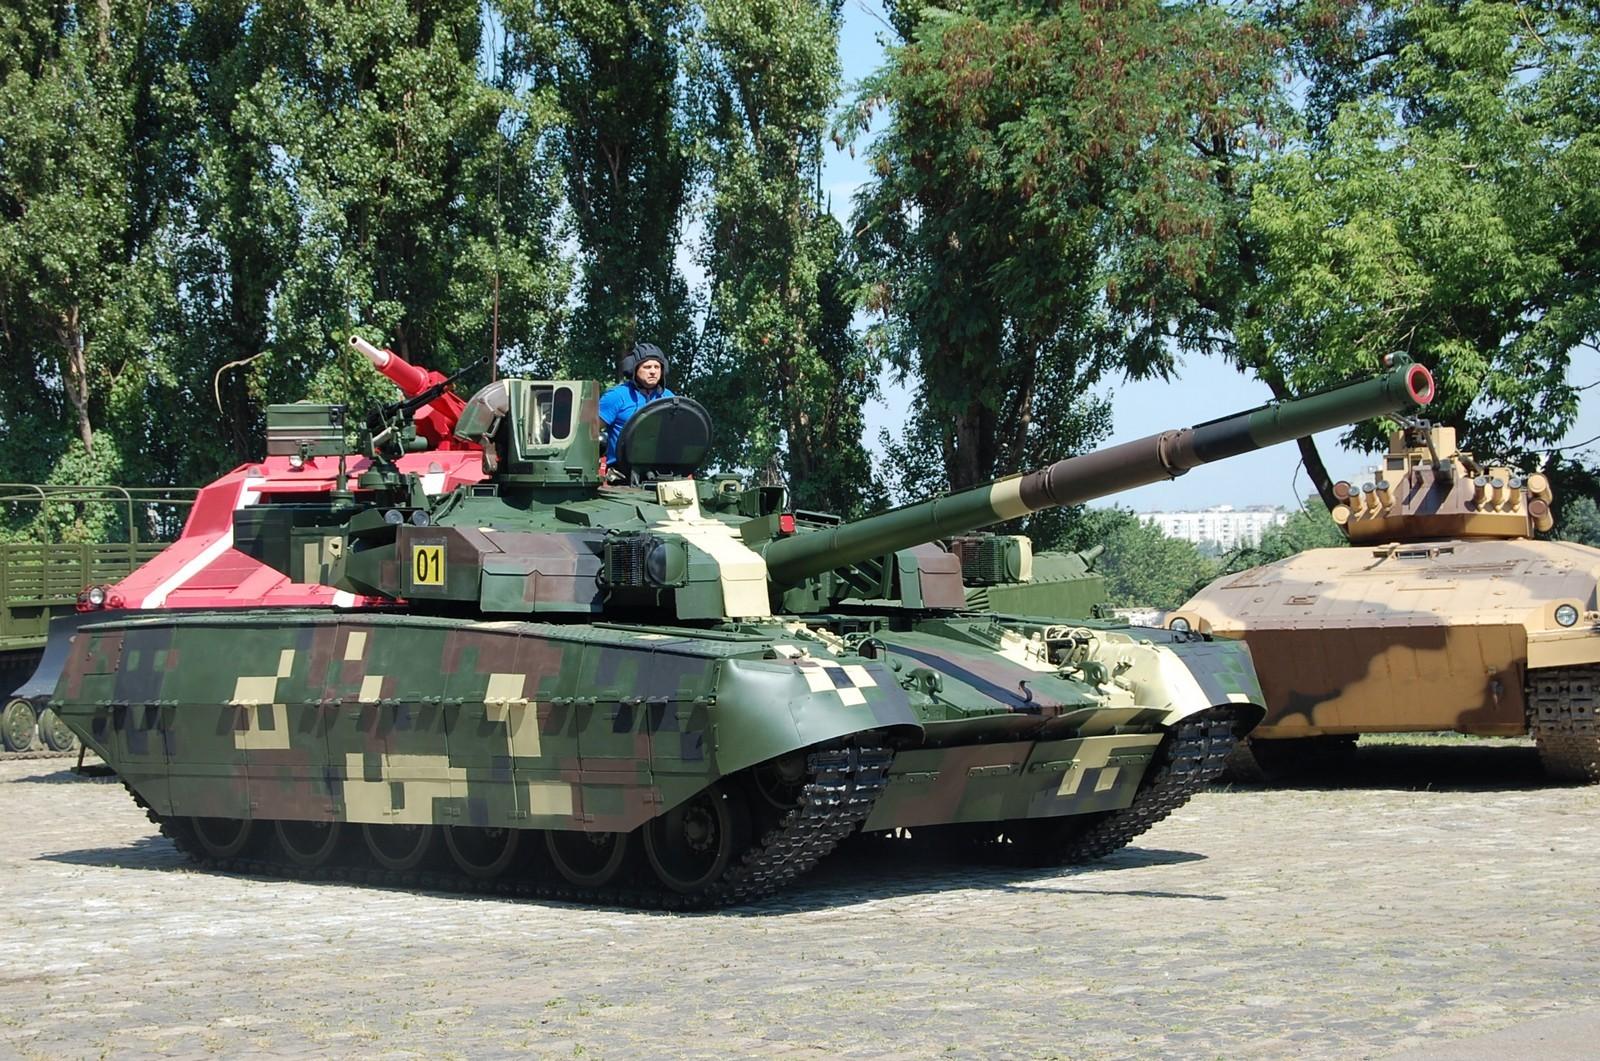 태국에 오플롯-M 전차를 인도한 우크라이나 外